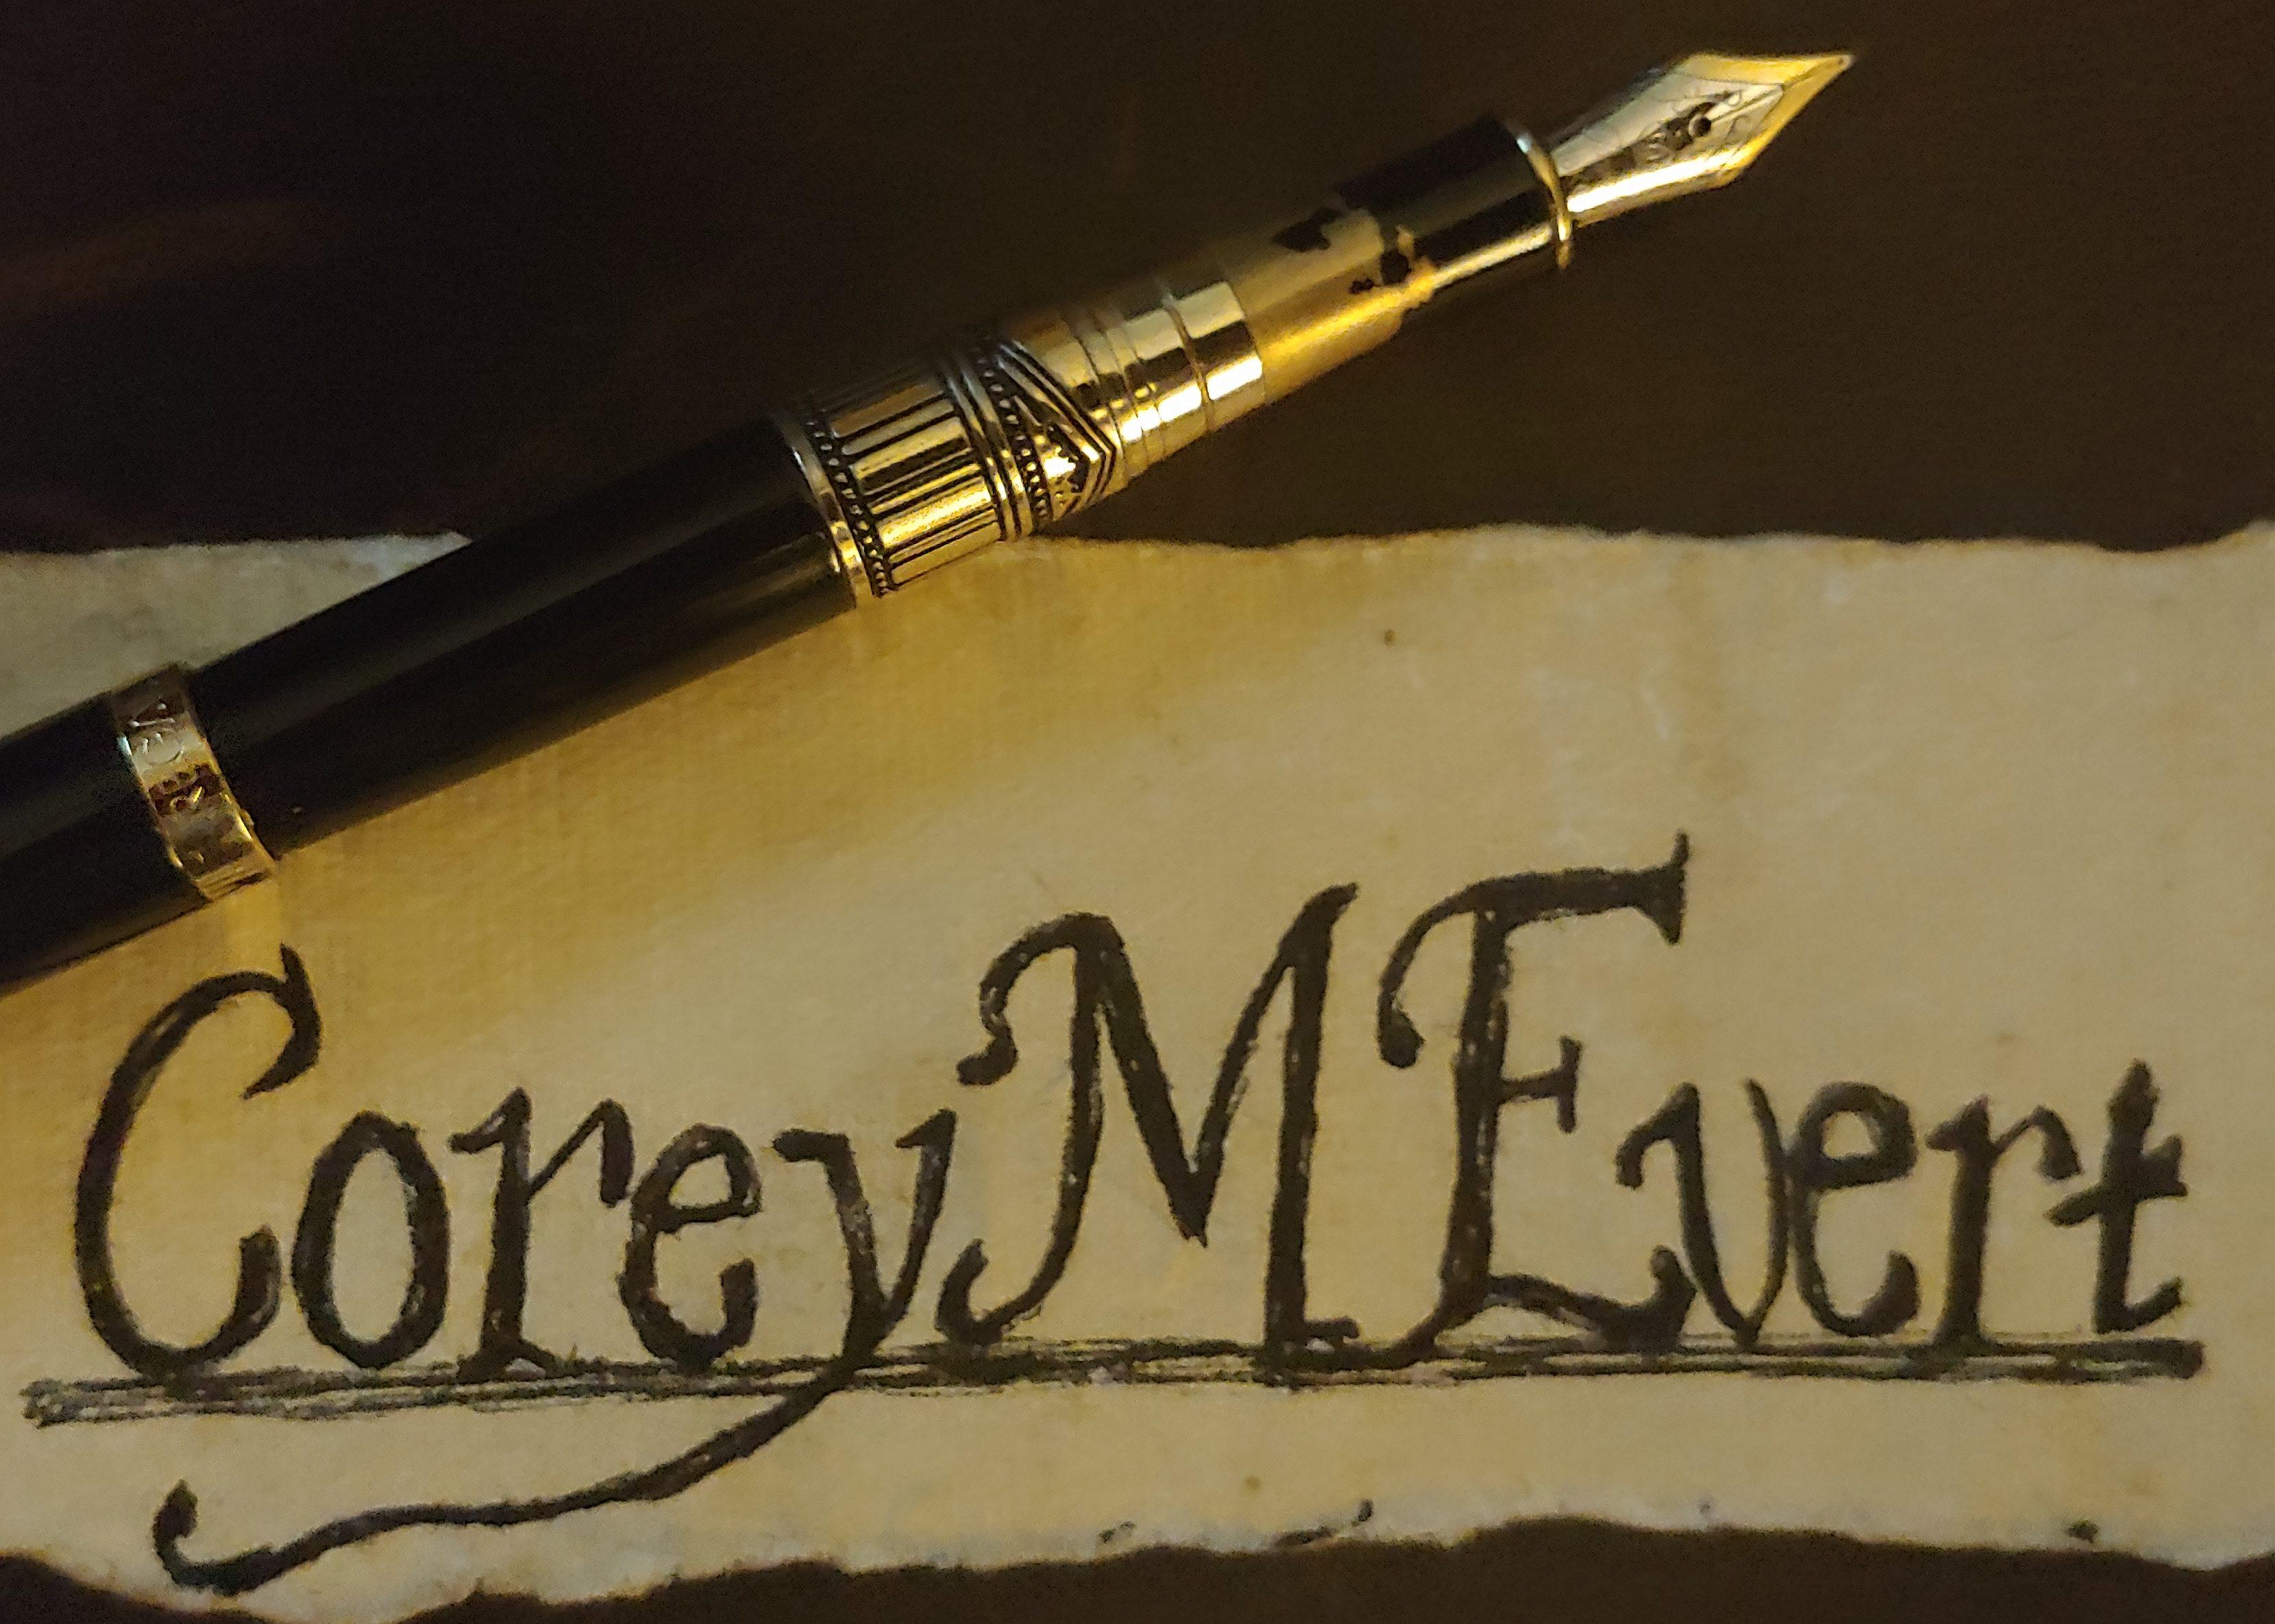 Corey M. Evert